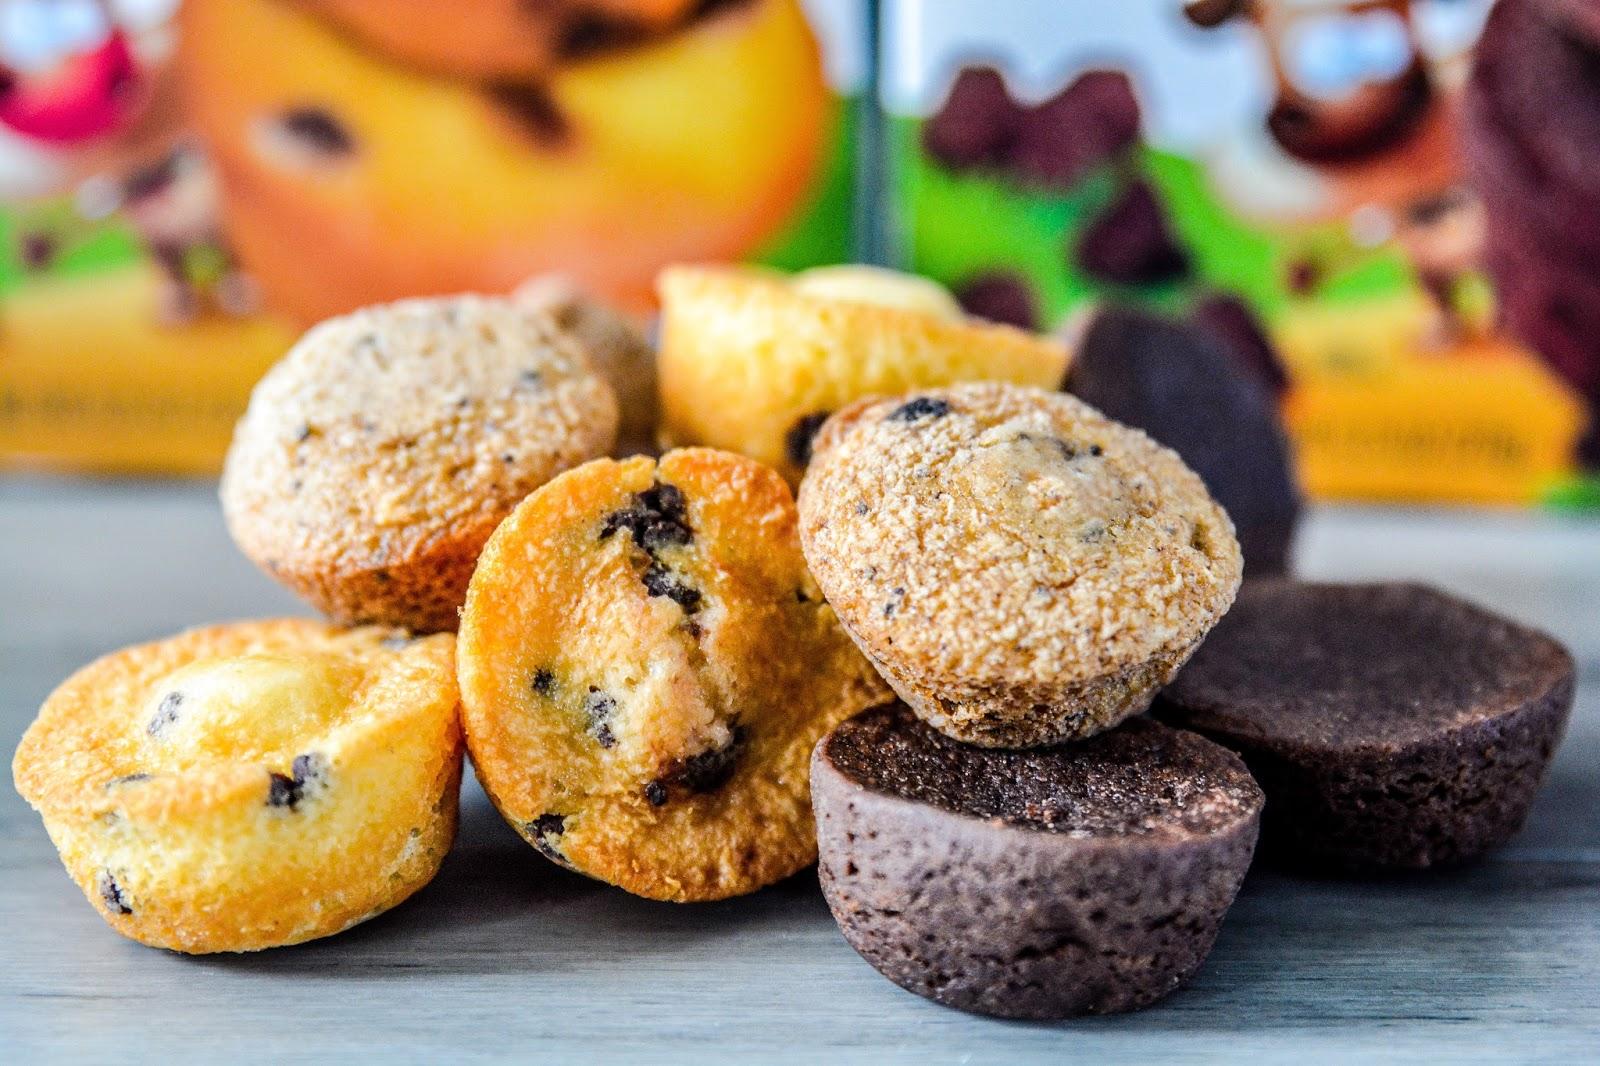 Entenmann's Little Bites Muffins